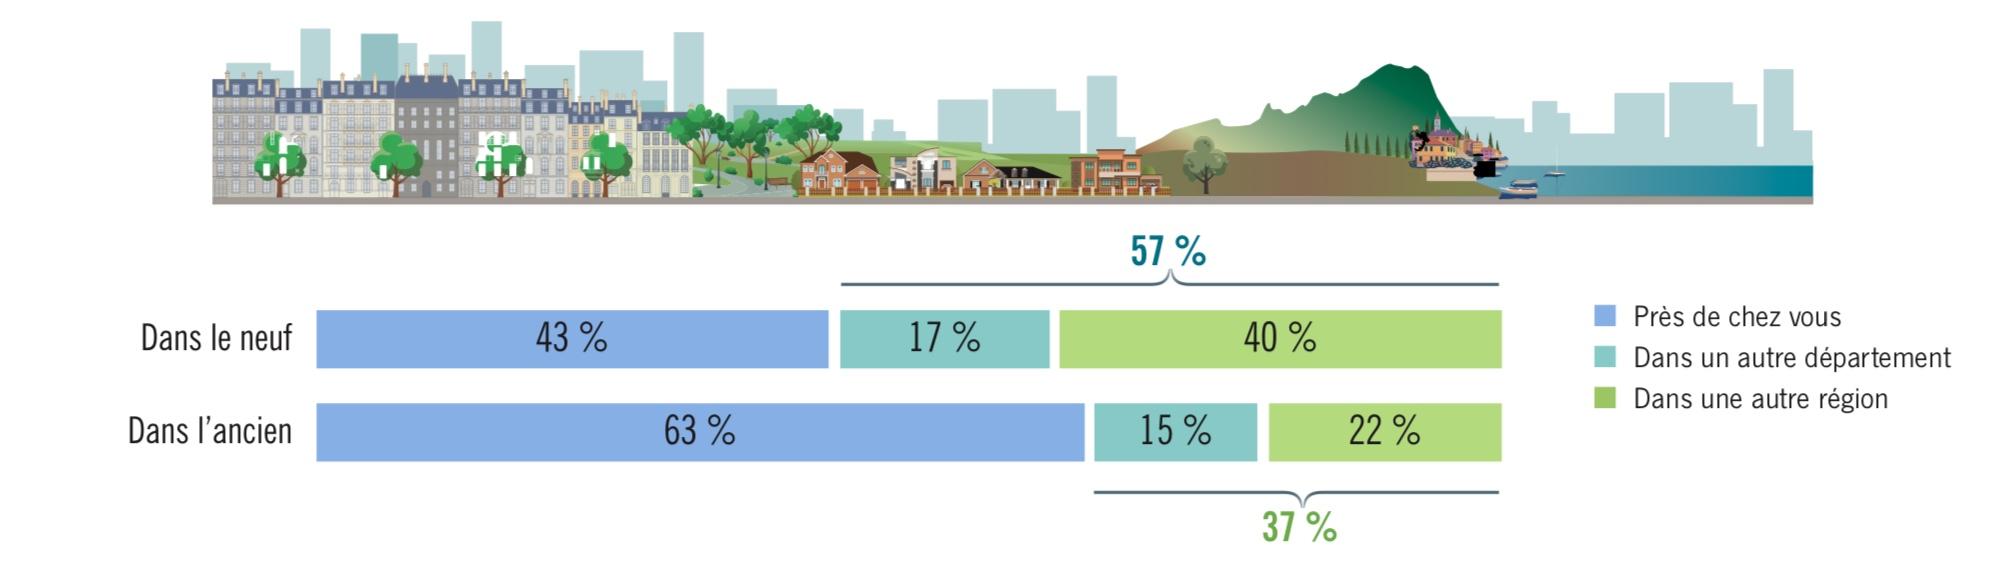 investir dans l' immobilier locatif loin de chez soi